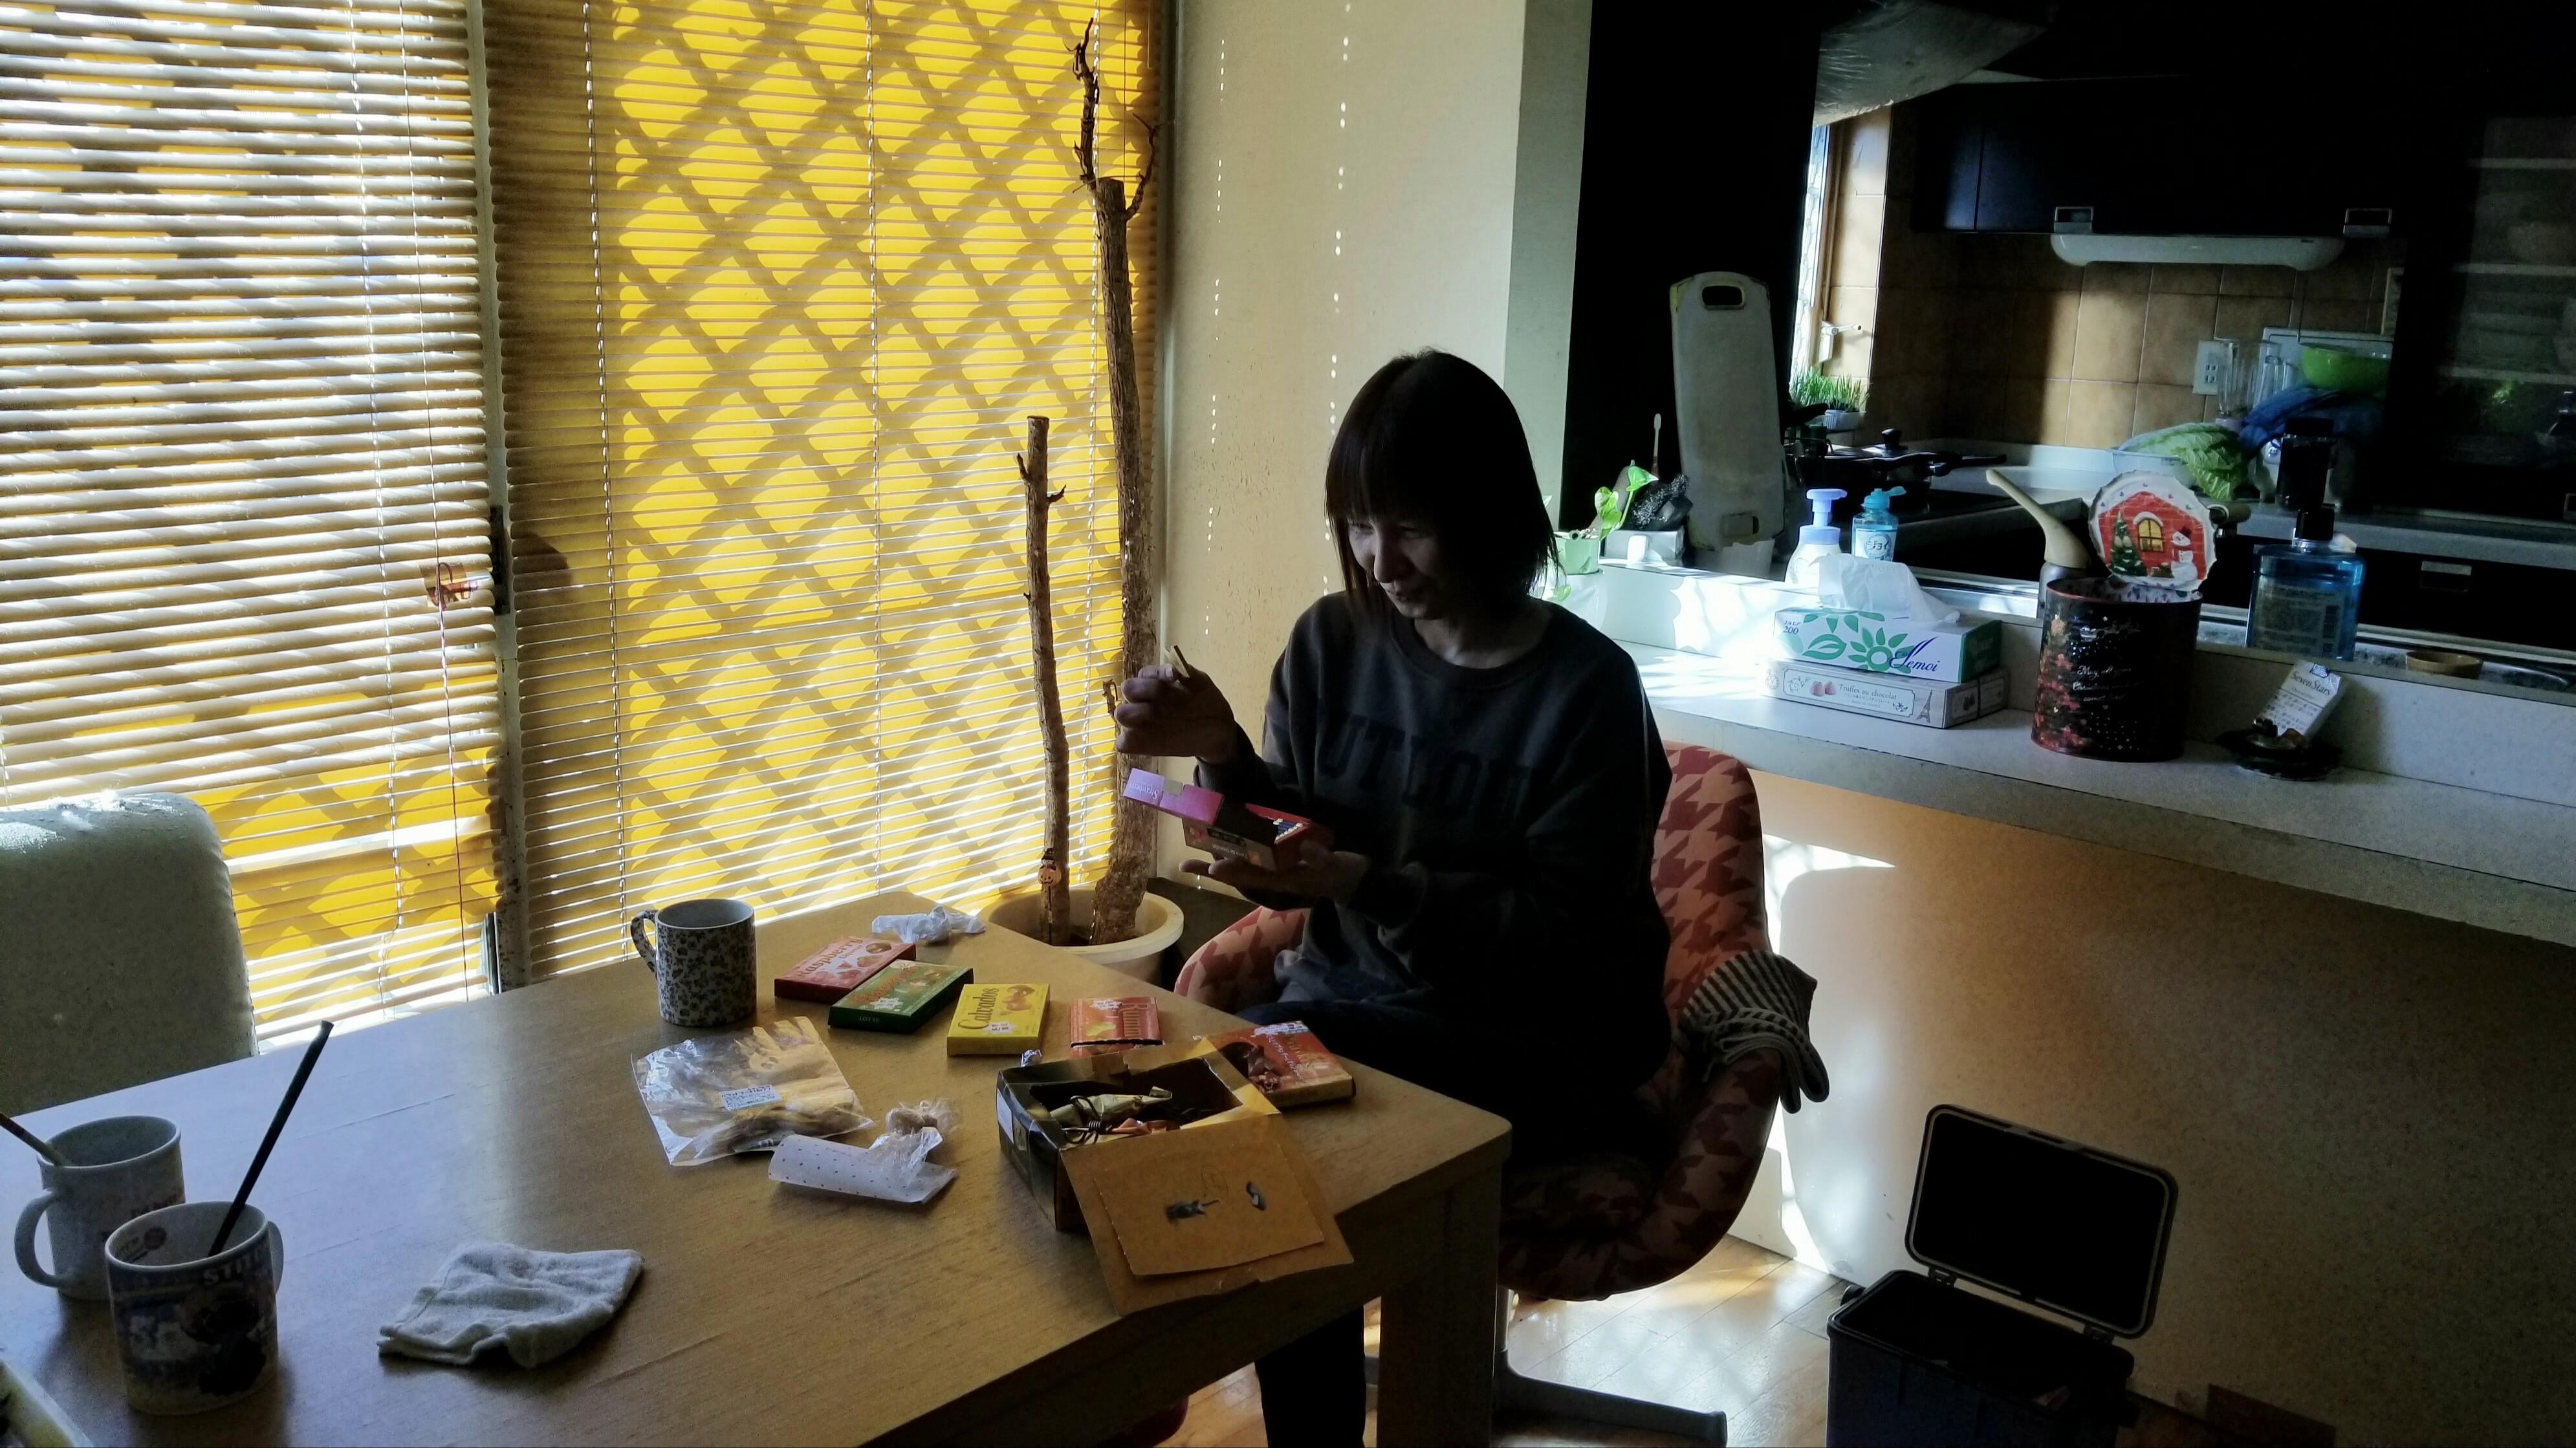 おば一人のお楽しみタイム一時間こっそりおやつスイーツ食べる